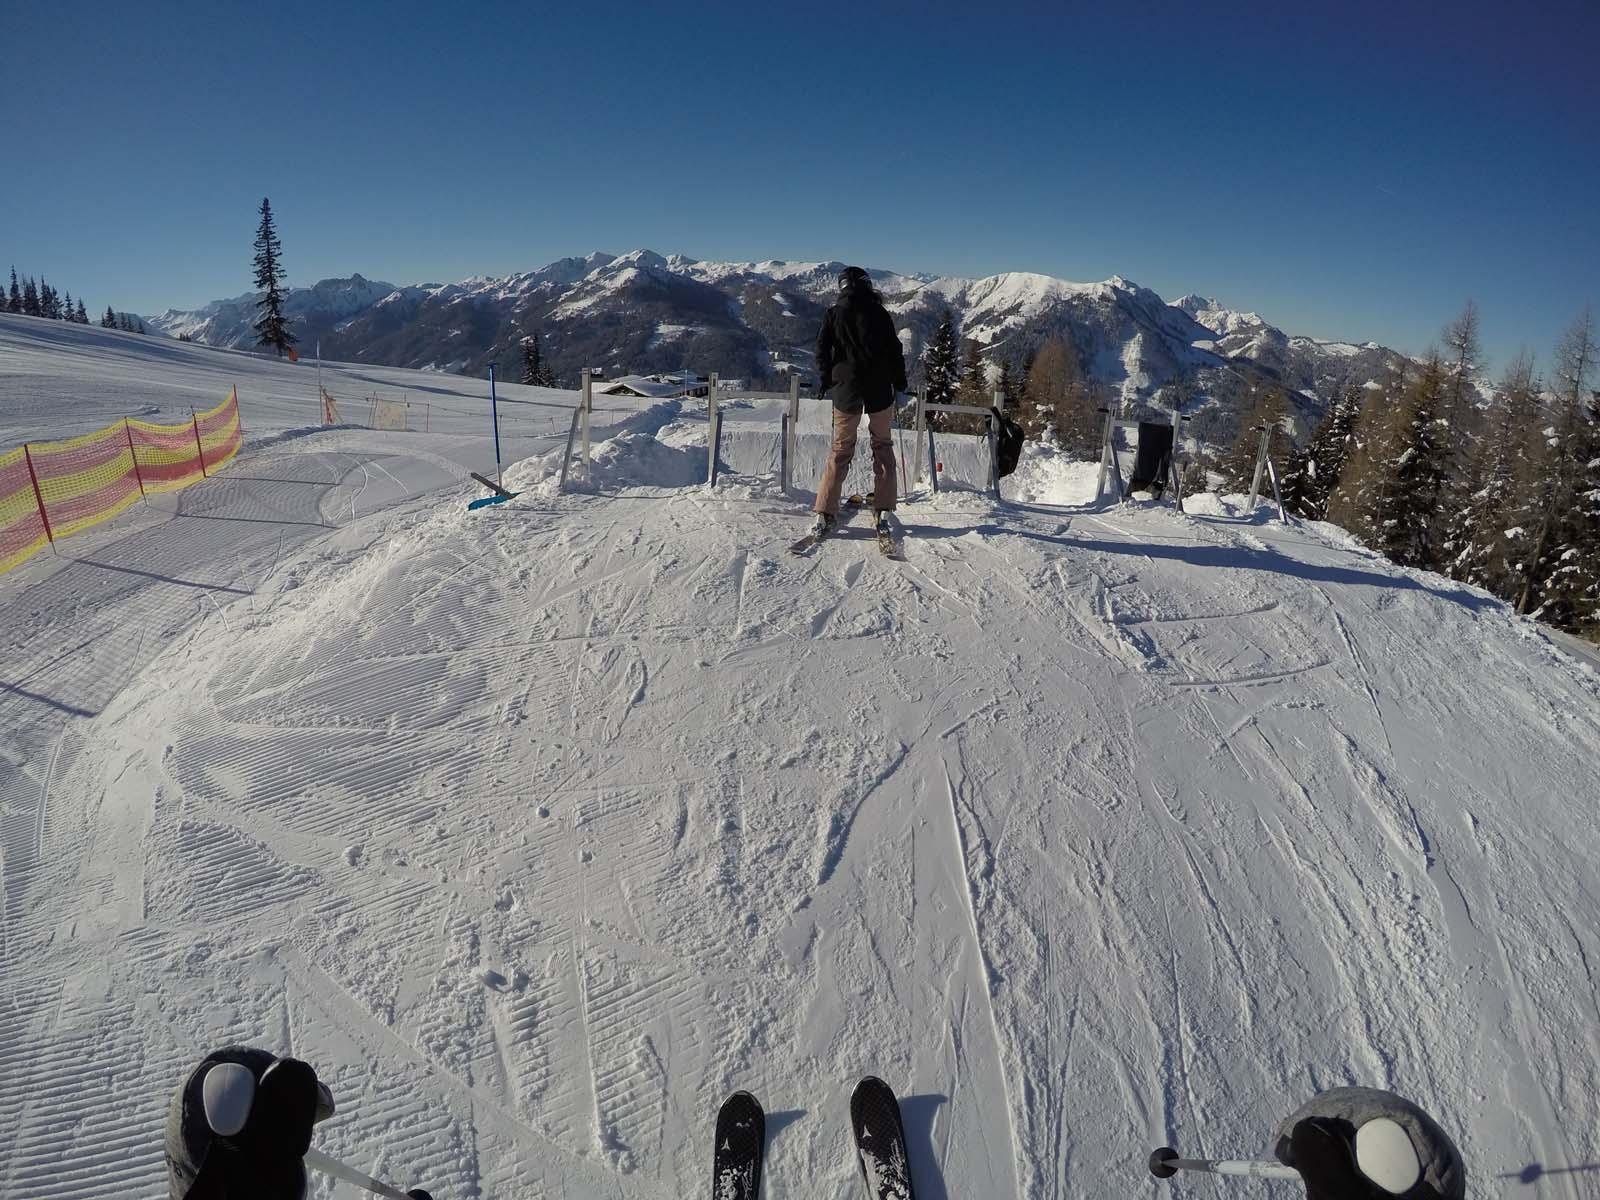 Lustiges Erlebnis am Berg